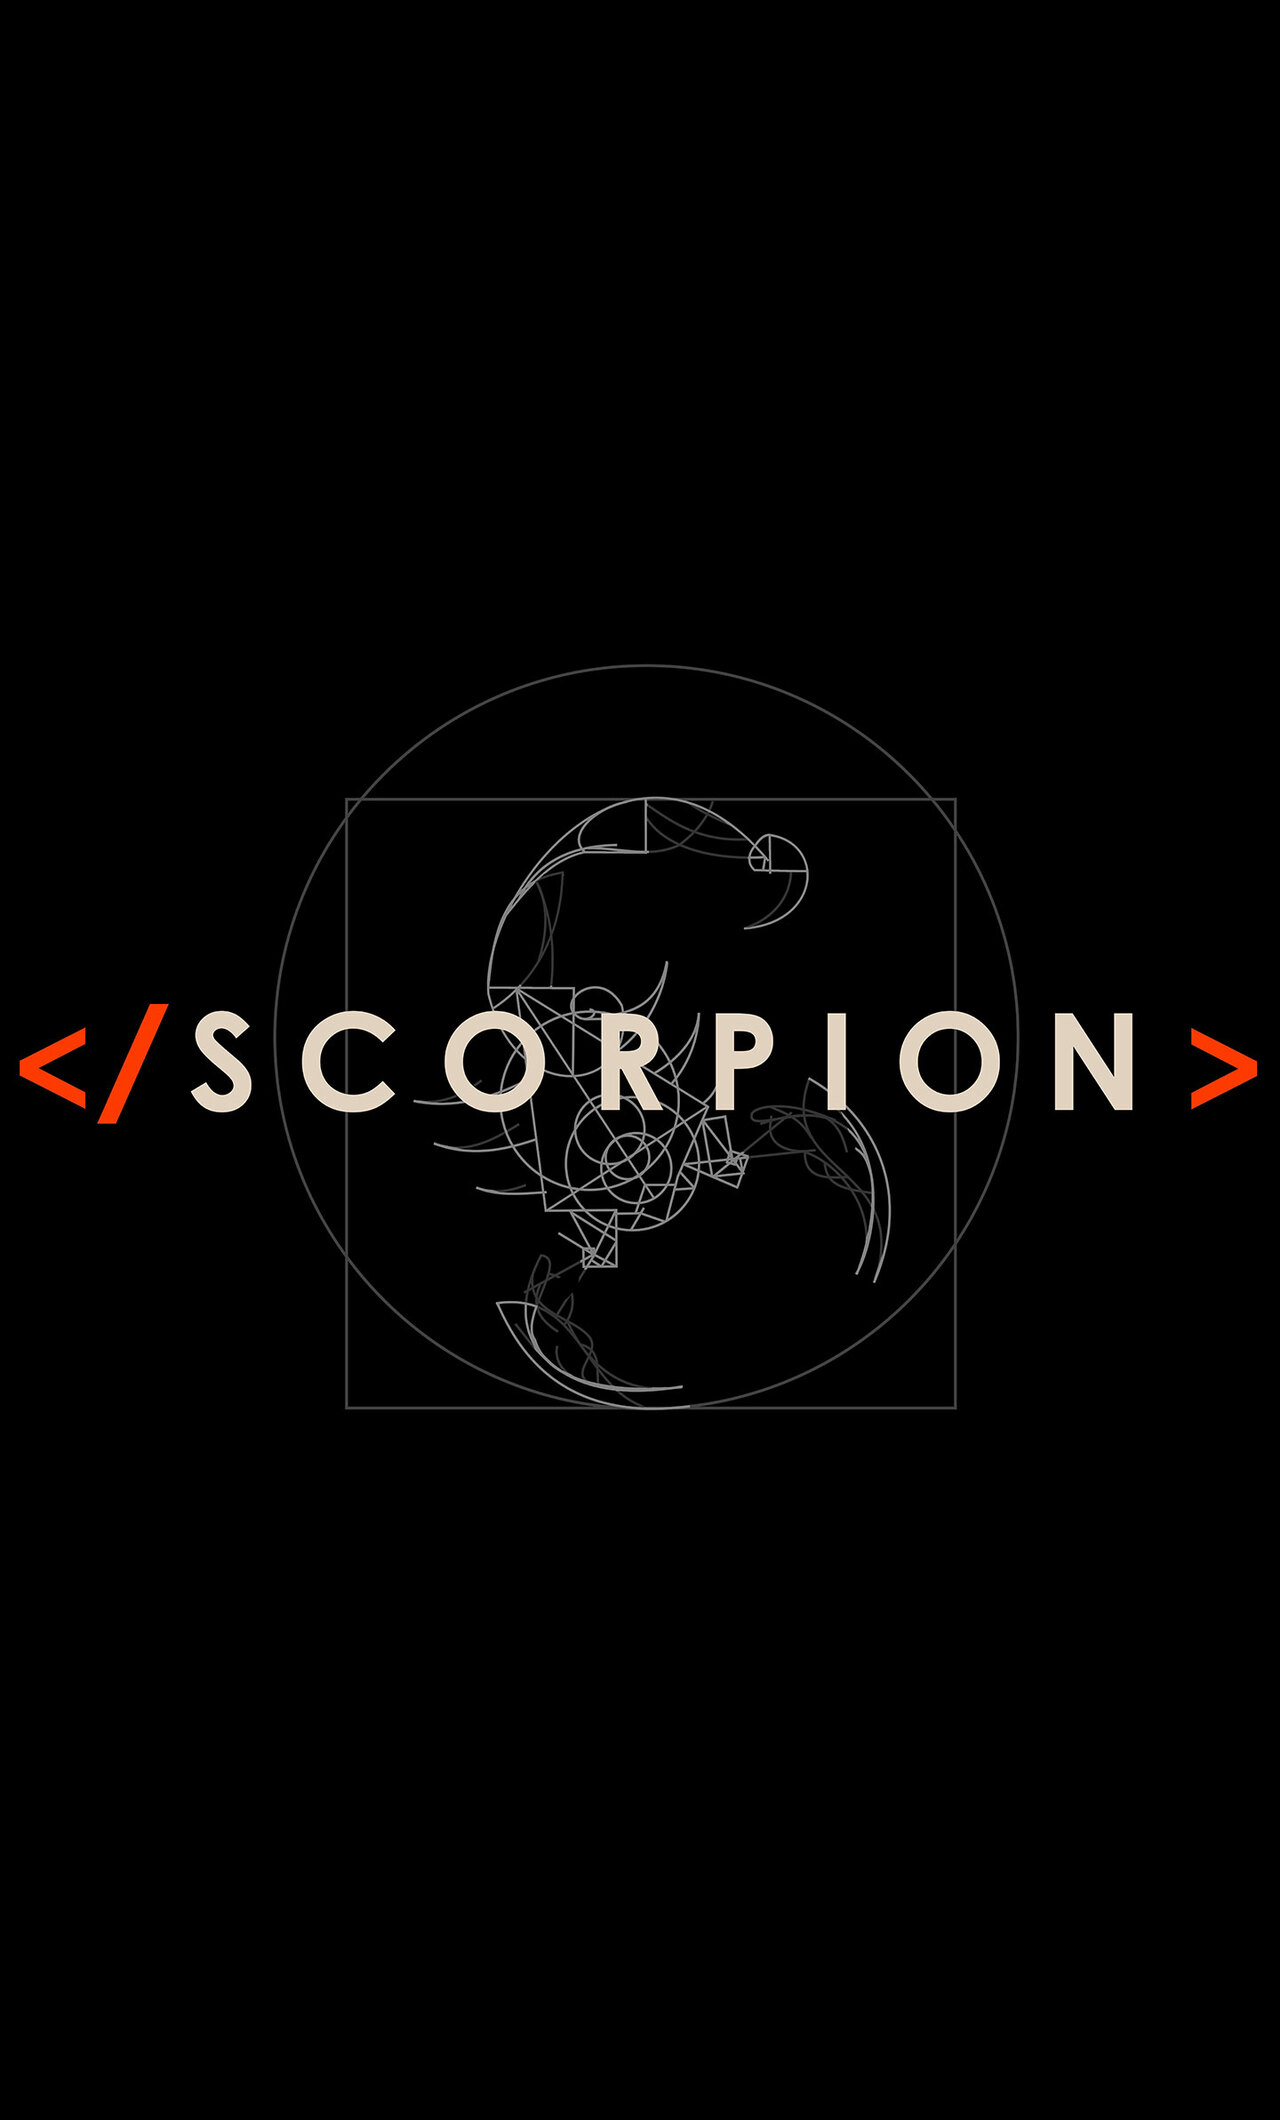 2017 Scorpion Tv Show Logo Do